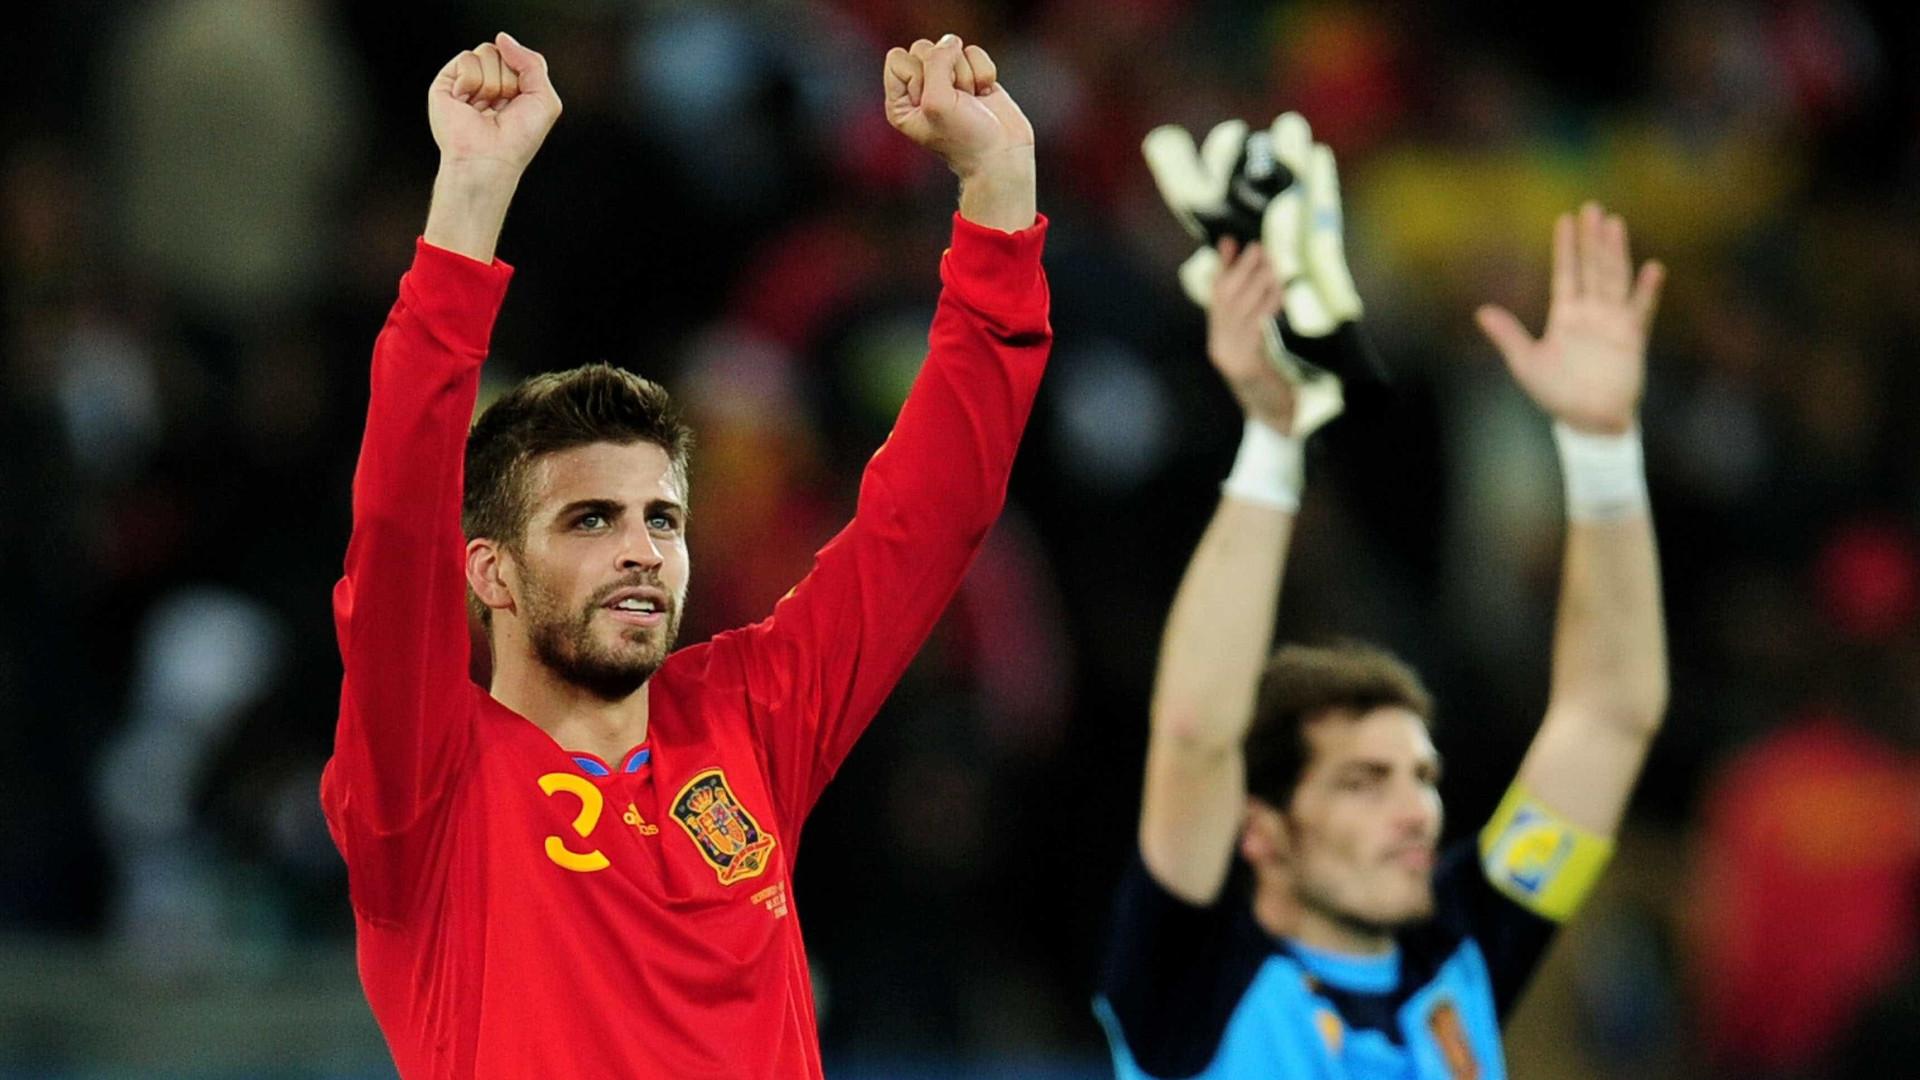 """Piqué volta a meter-se com Casillas: """"Um alívio não te ver a cara"""""""